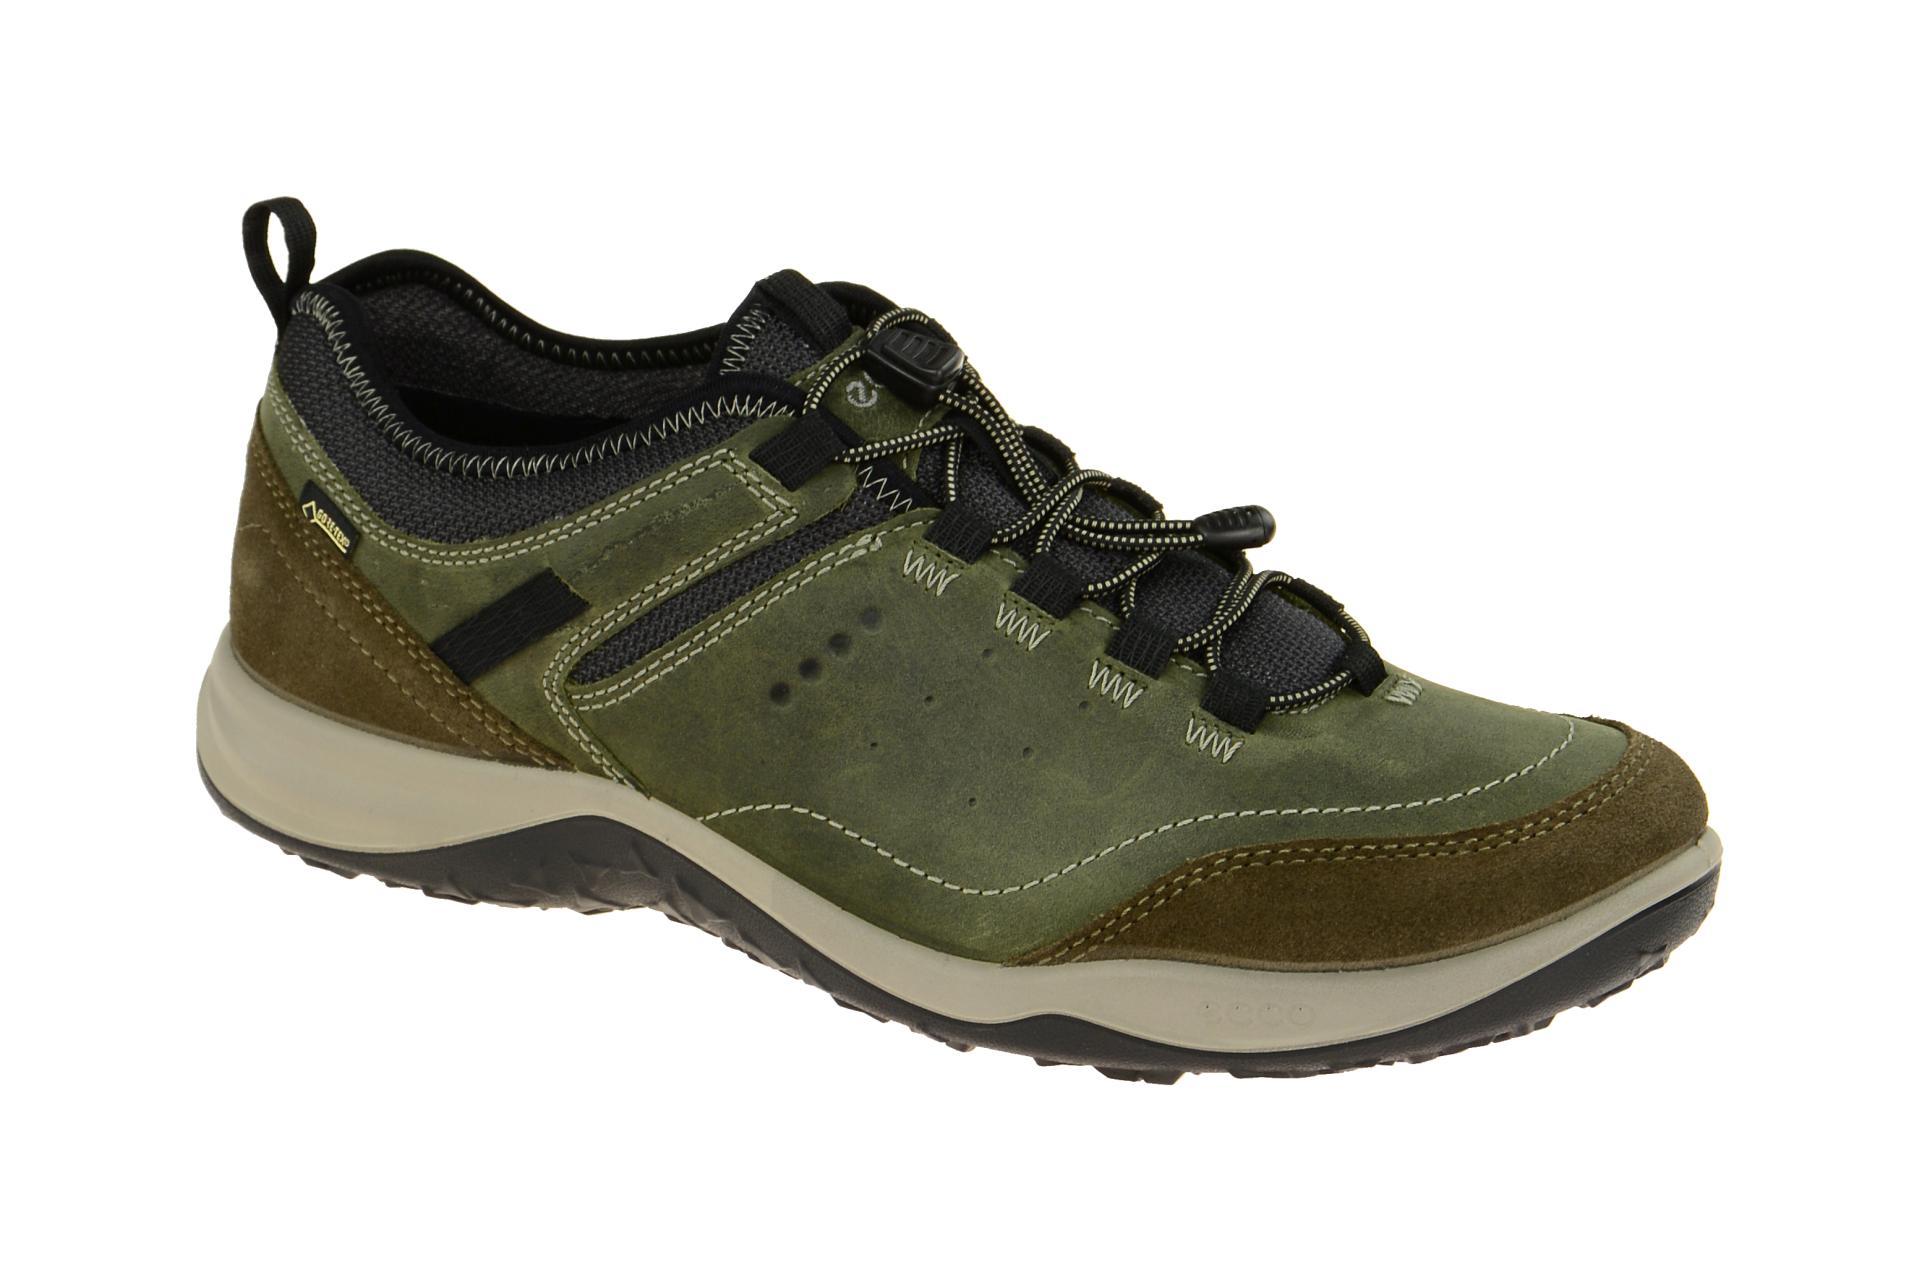 66c6d7f66c9ac2 Ecco Espinho Schuhe grün Gore-Tex - Schuhhaus Strauch Shop